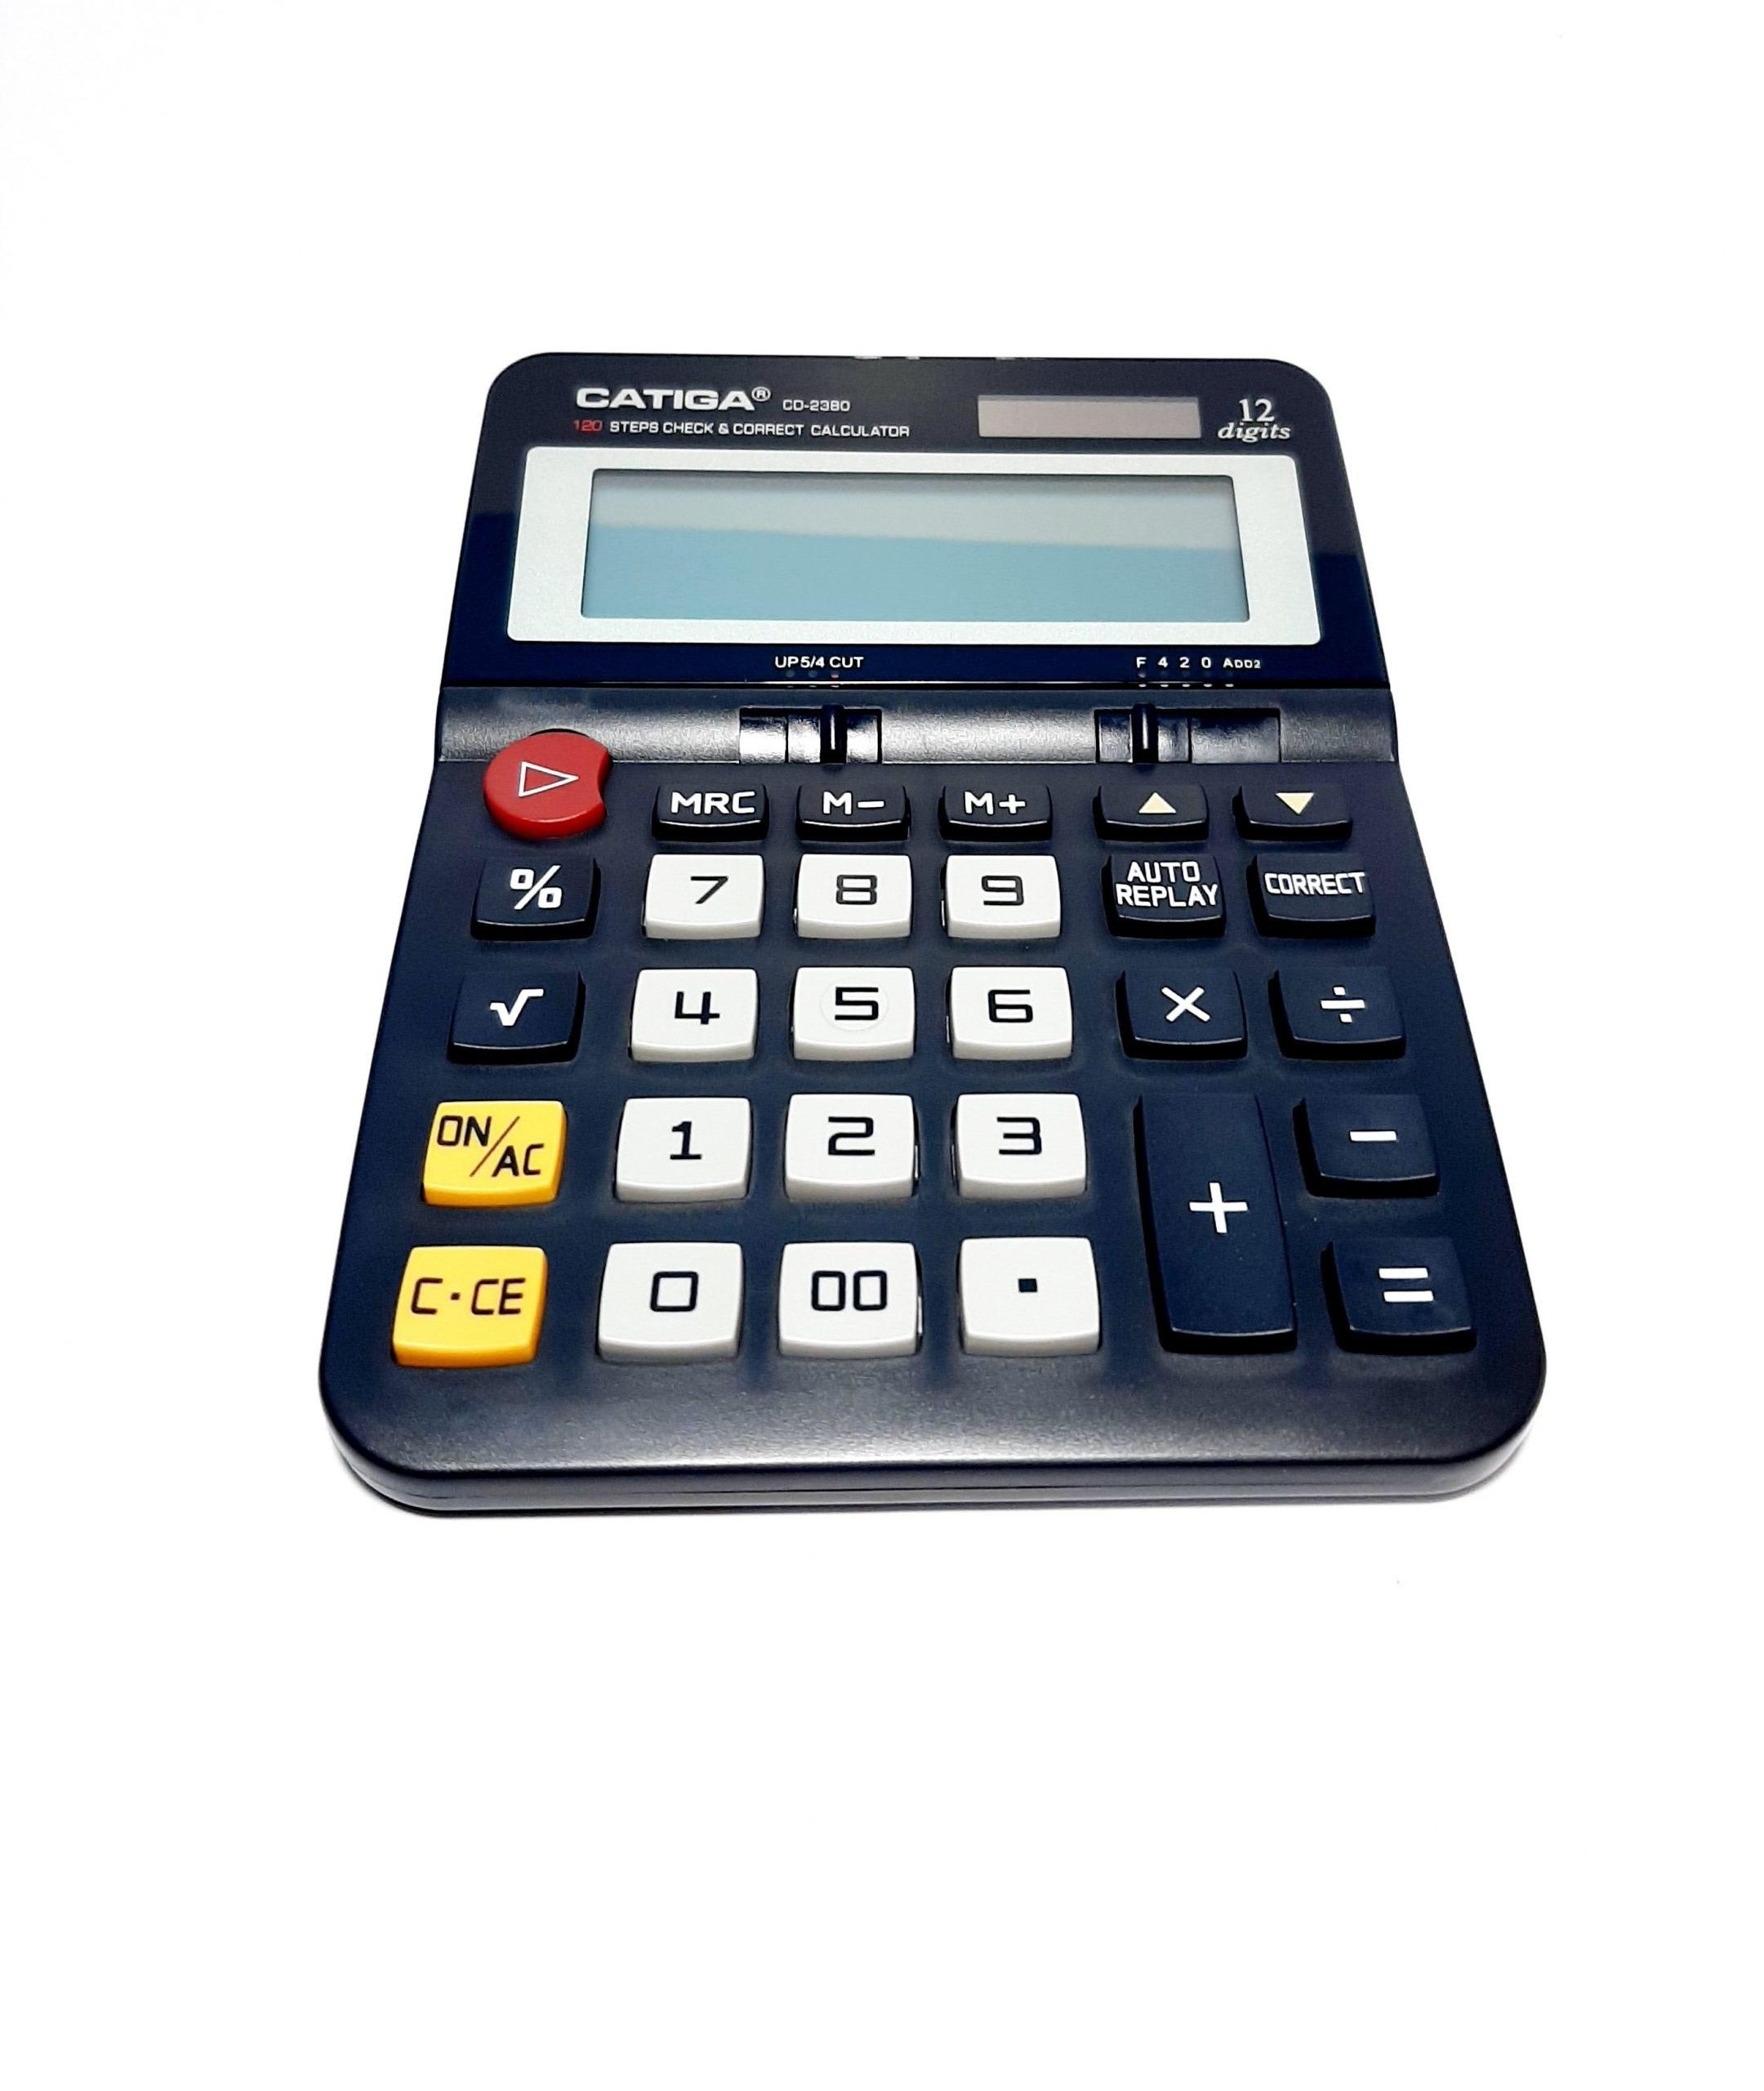 تصویر ماشین حساب کاتیگا مدل 2380-CD